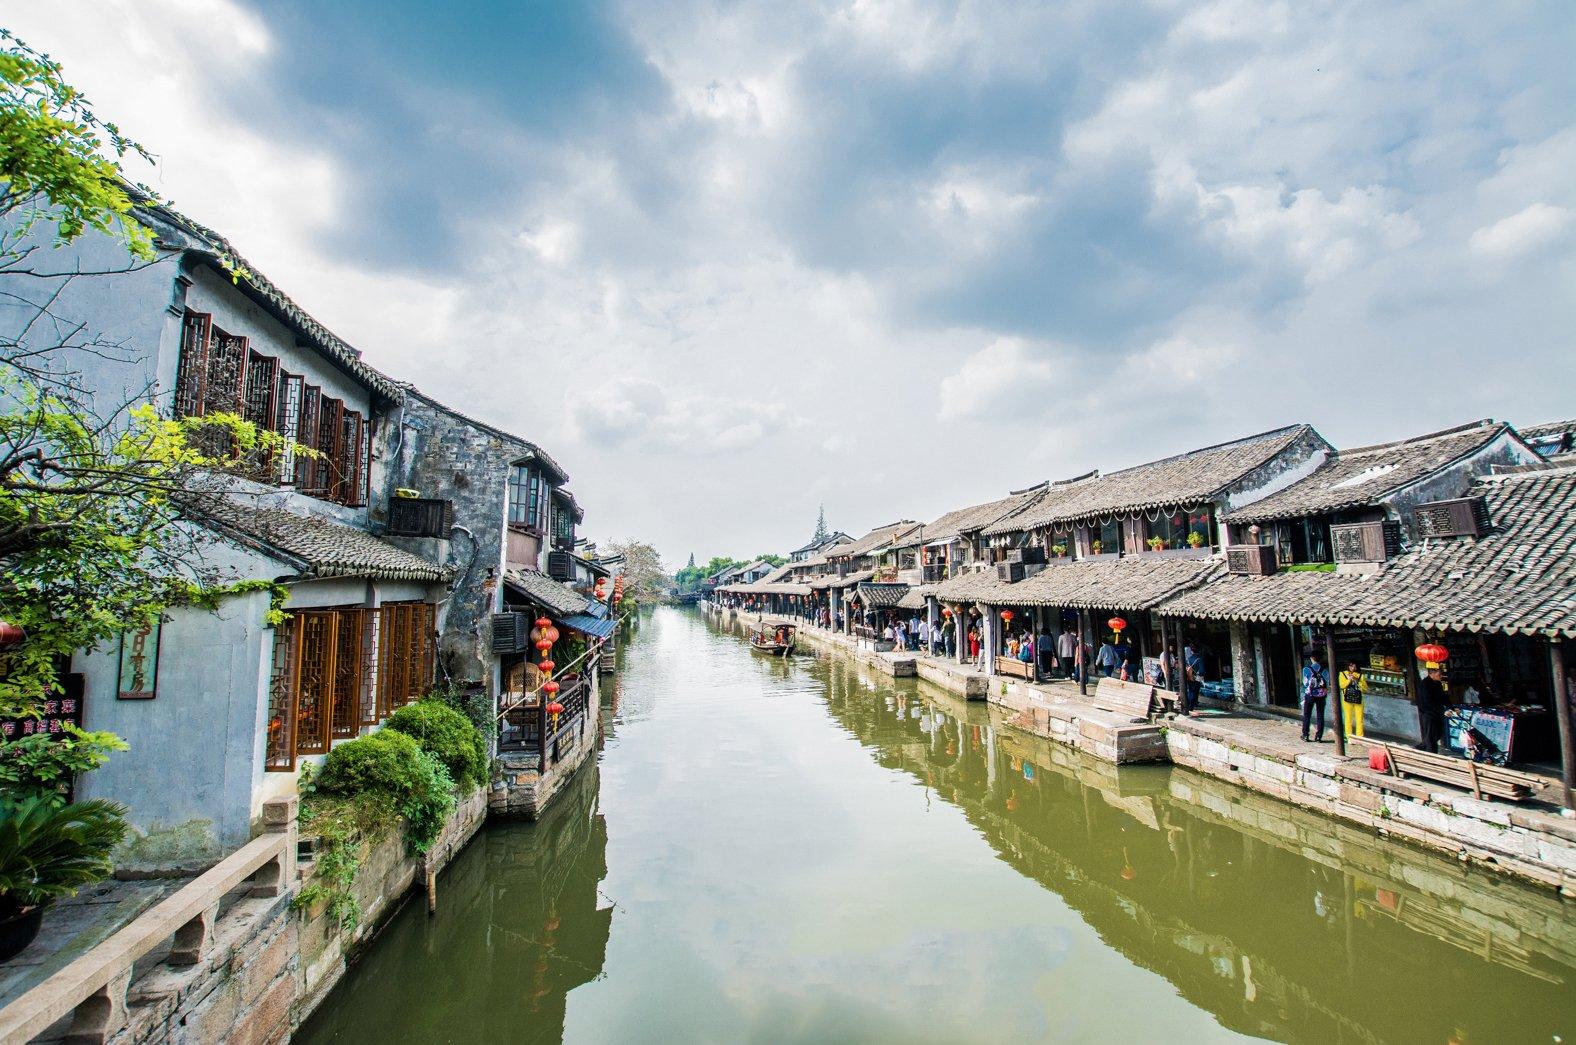 乌镇净心之旅,在乌镇体验小桥流水、繁花似锦的江南风情